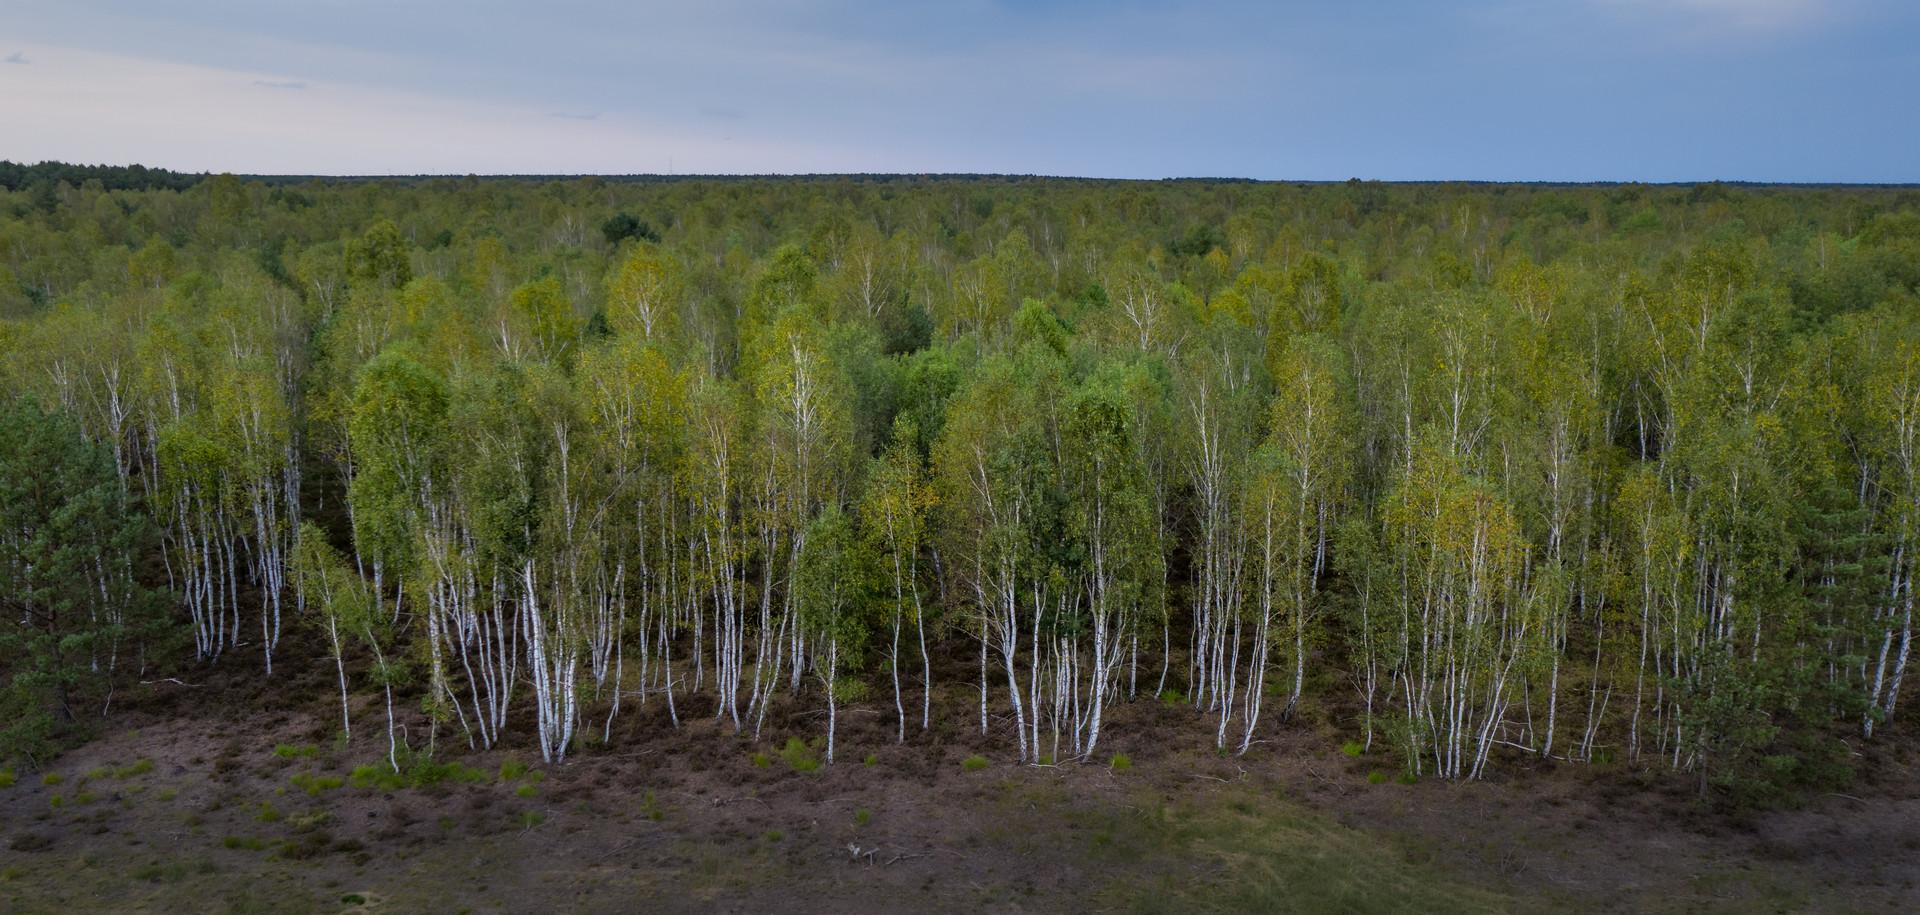 Luftbild Wald _ Birkenwald _ Birken